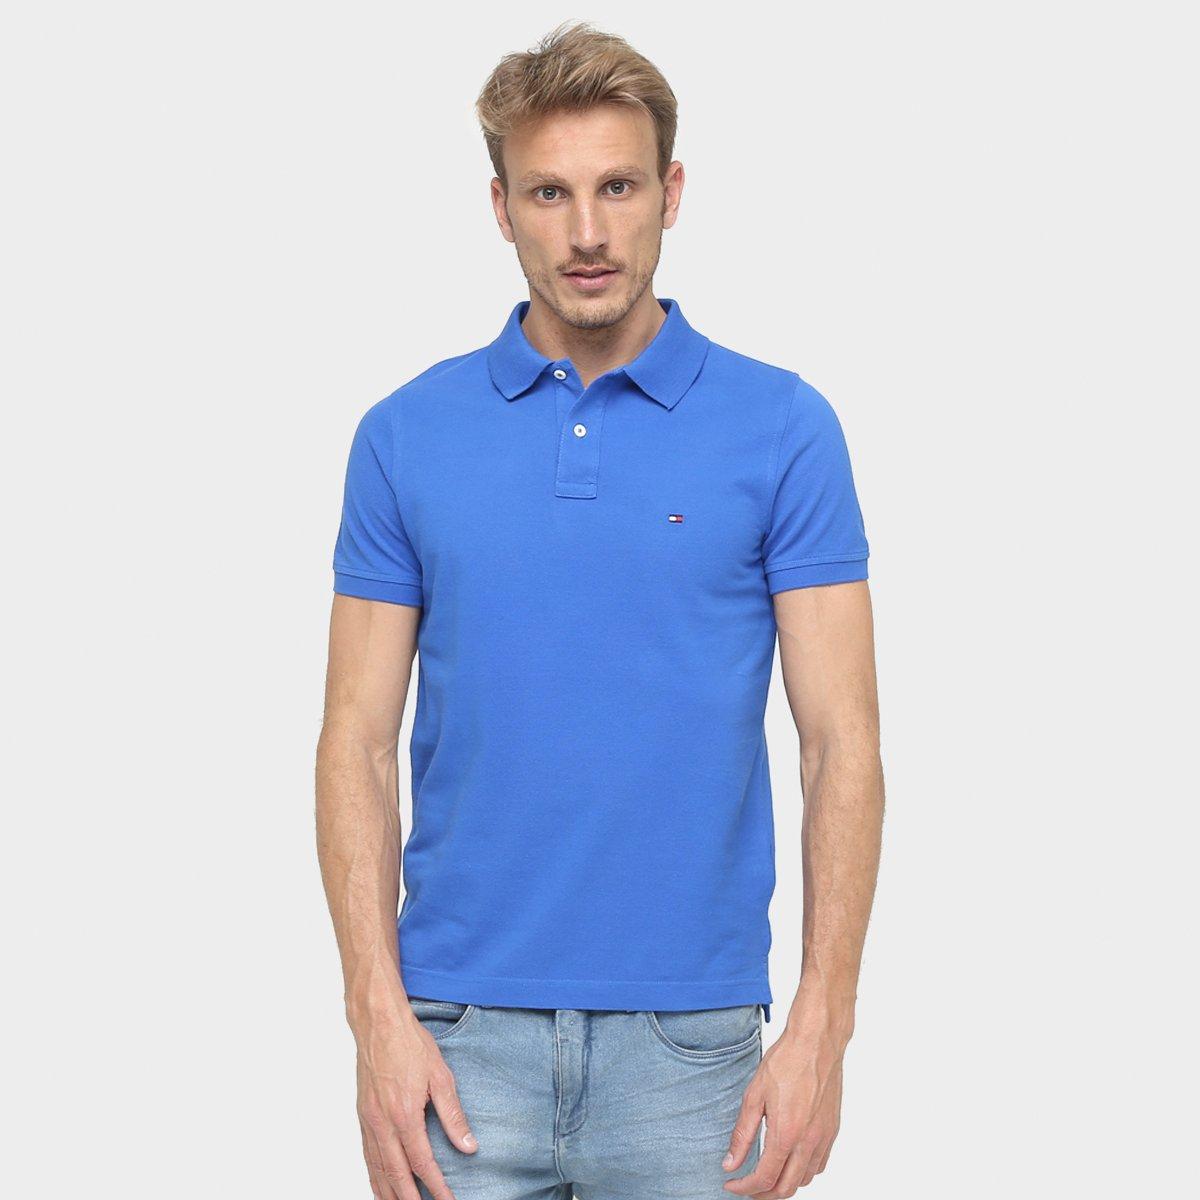 add11e40c8cb3 Camisa Polo Tommy Hilfiger Slim Fit Piquet - Compre Agora   Zattini